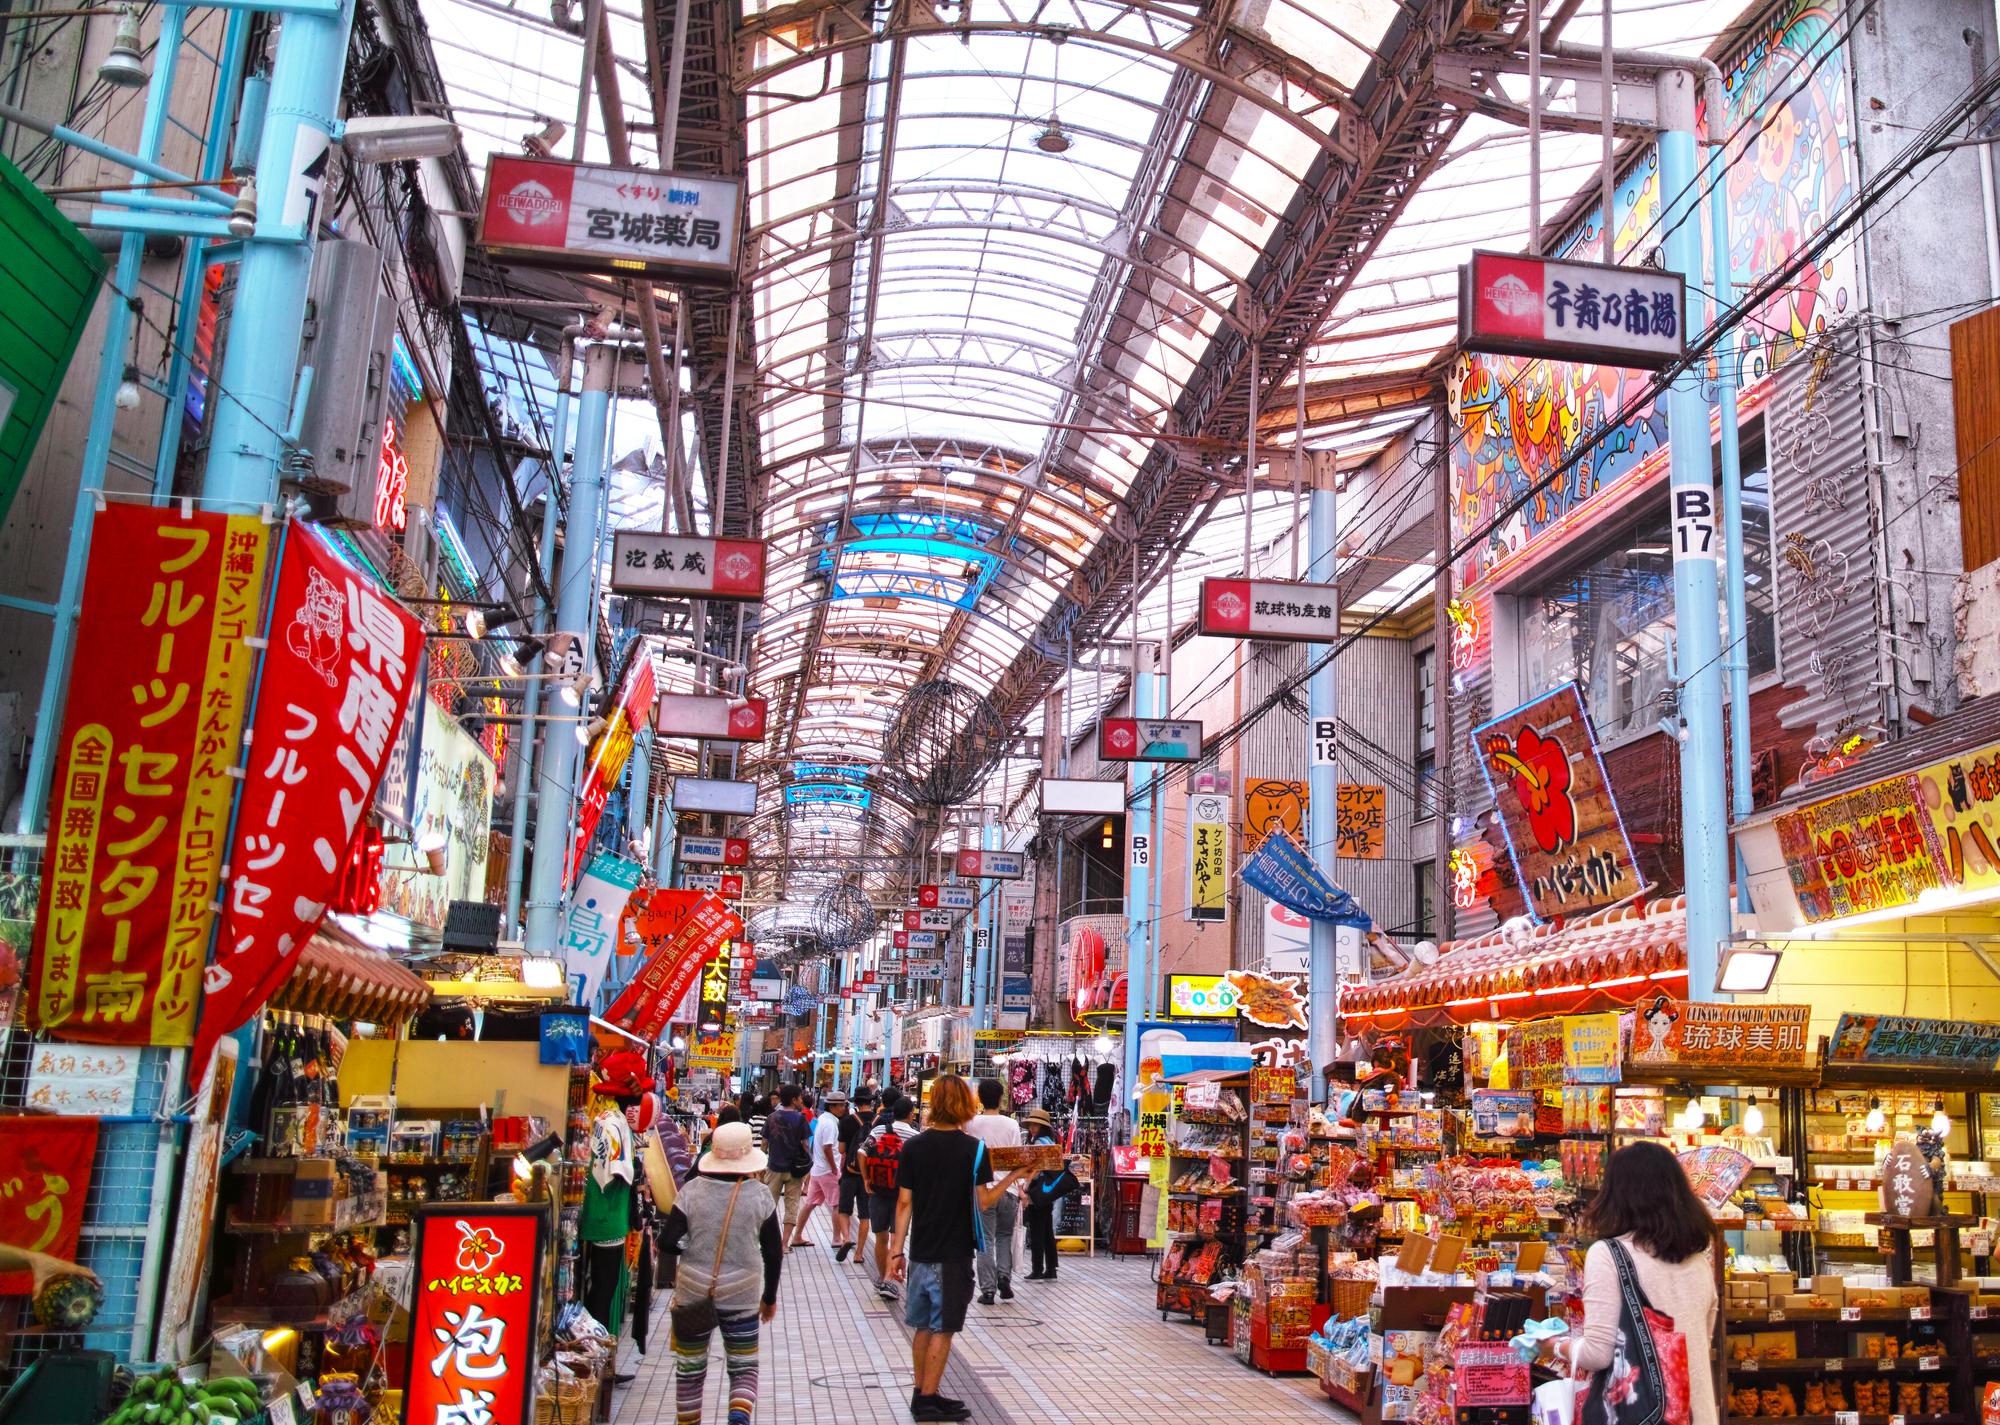 沖縄、新婚旅行、トラブル、スーパーマーケット。